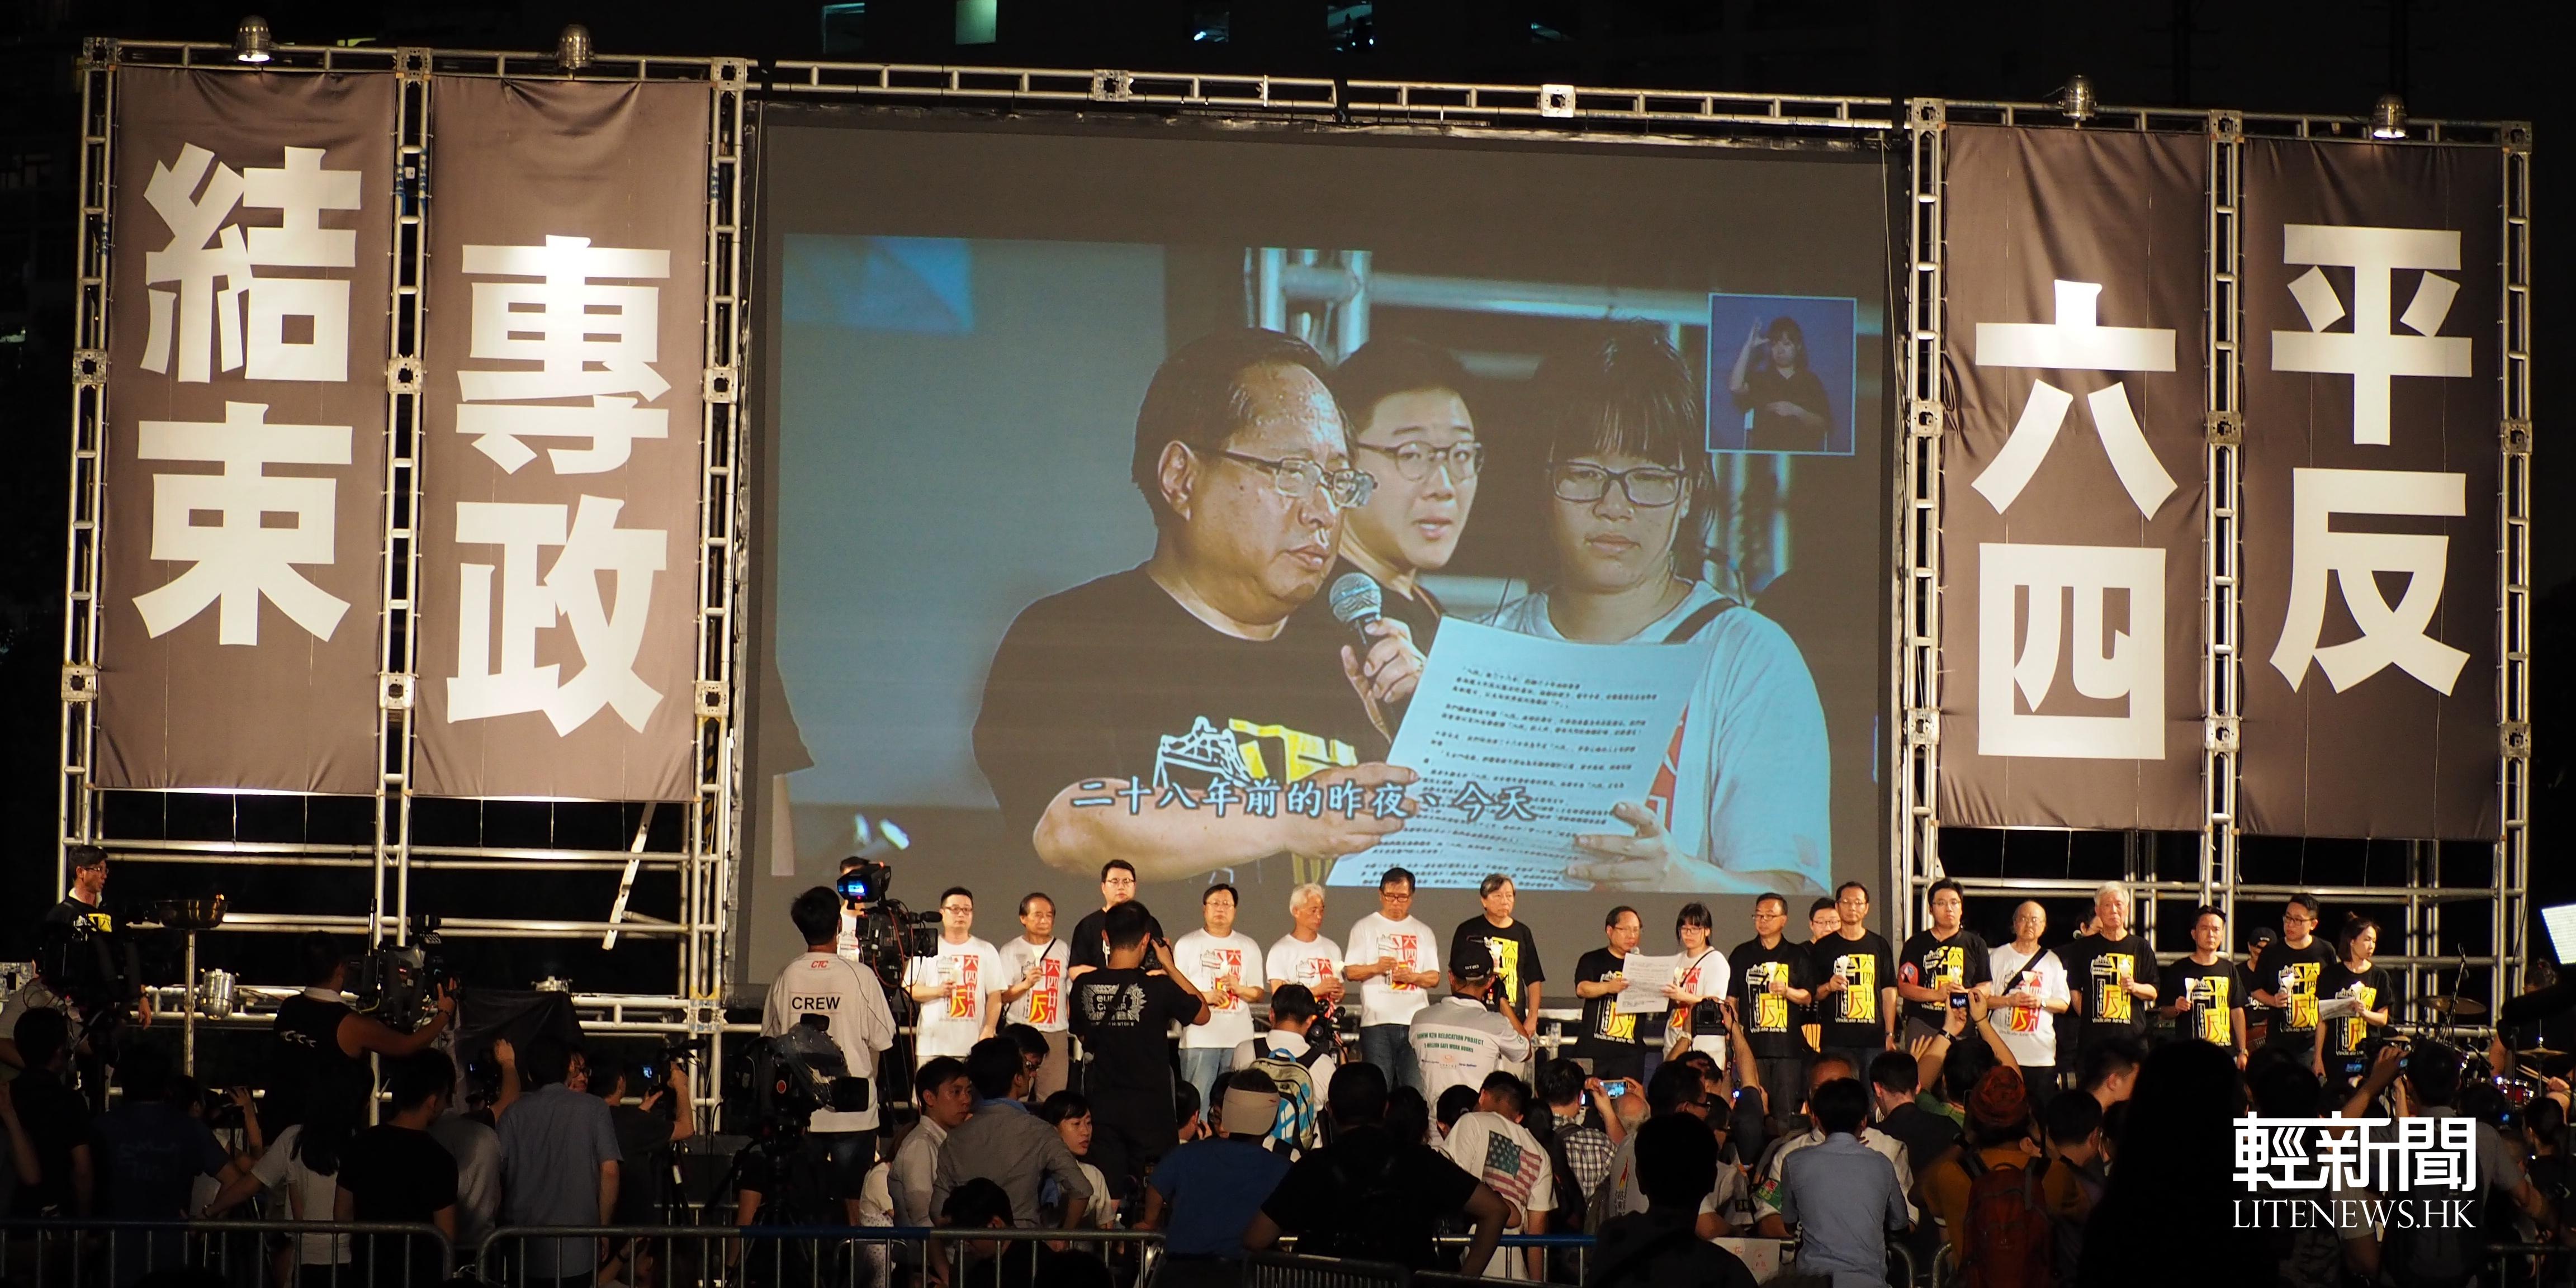 圖片來源:香港輕新聞